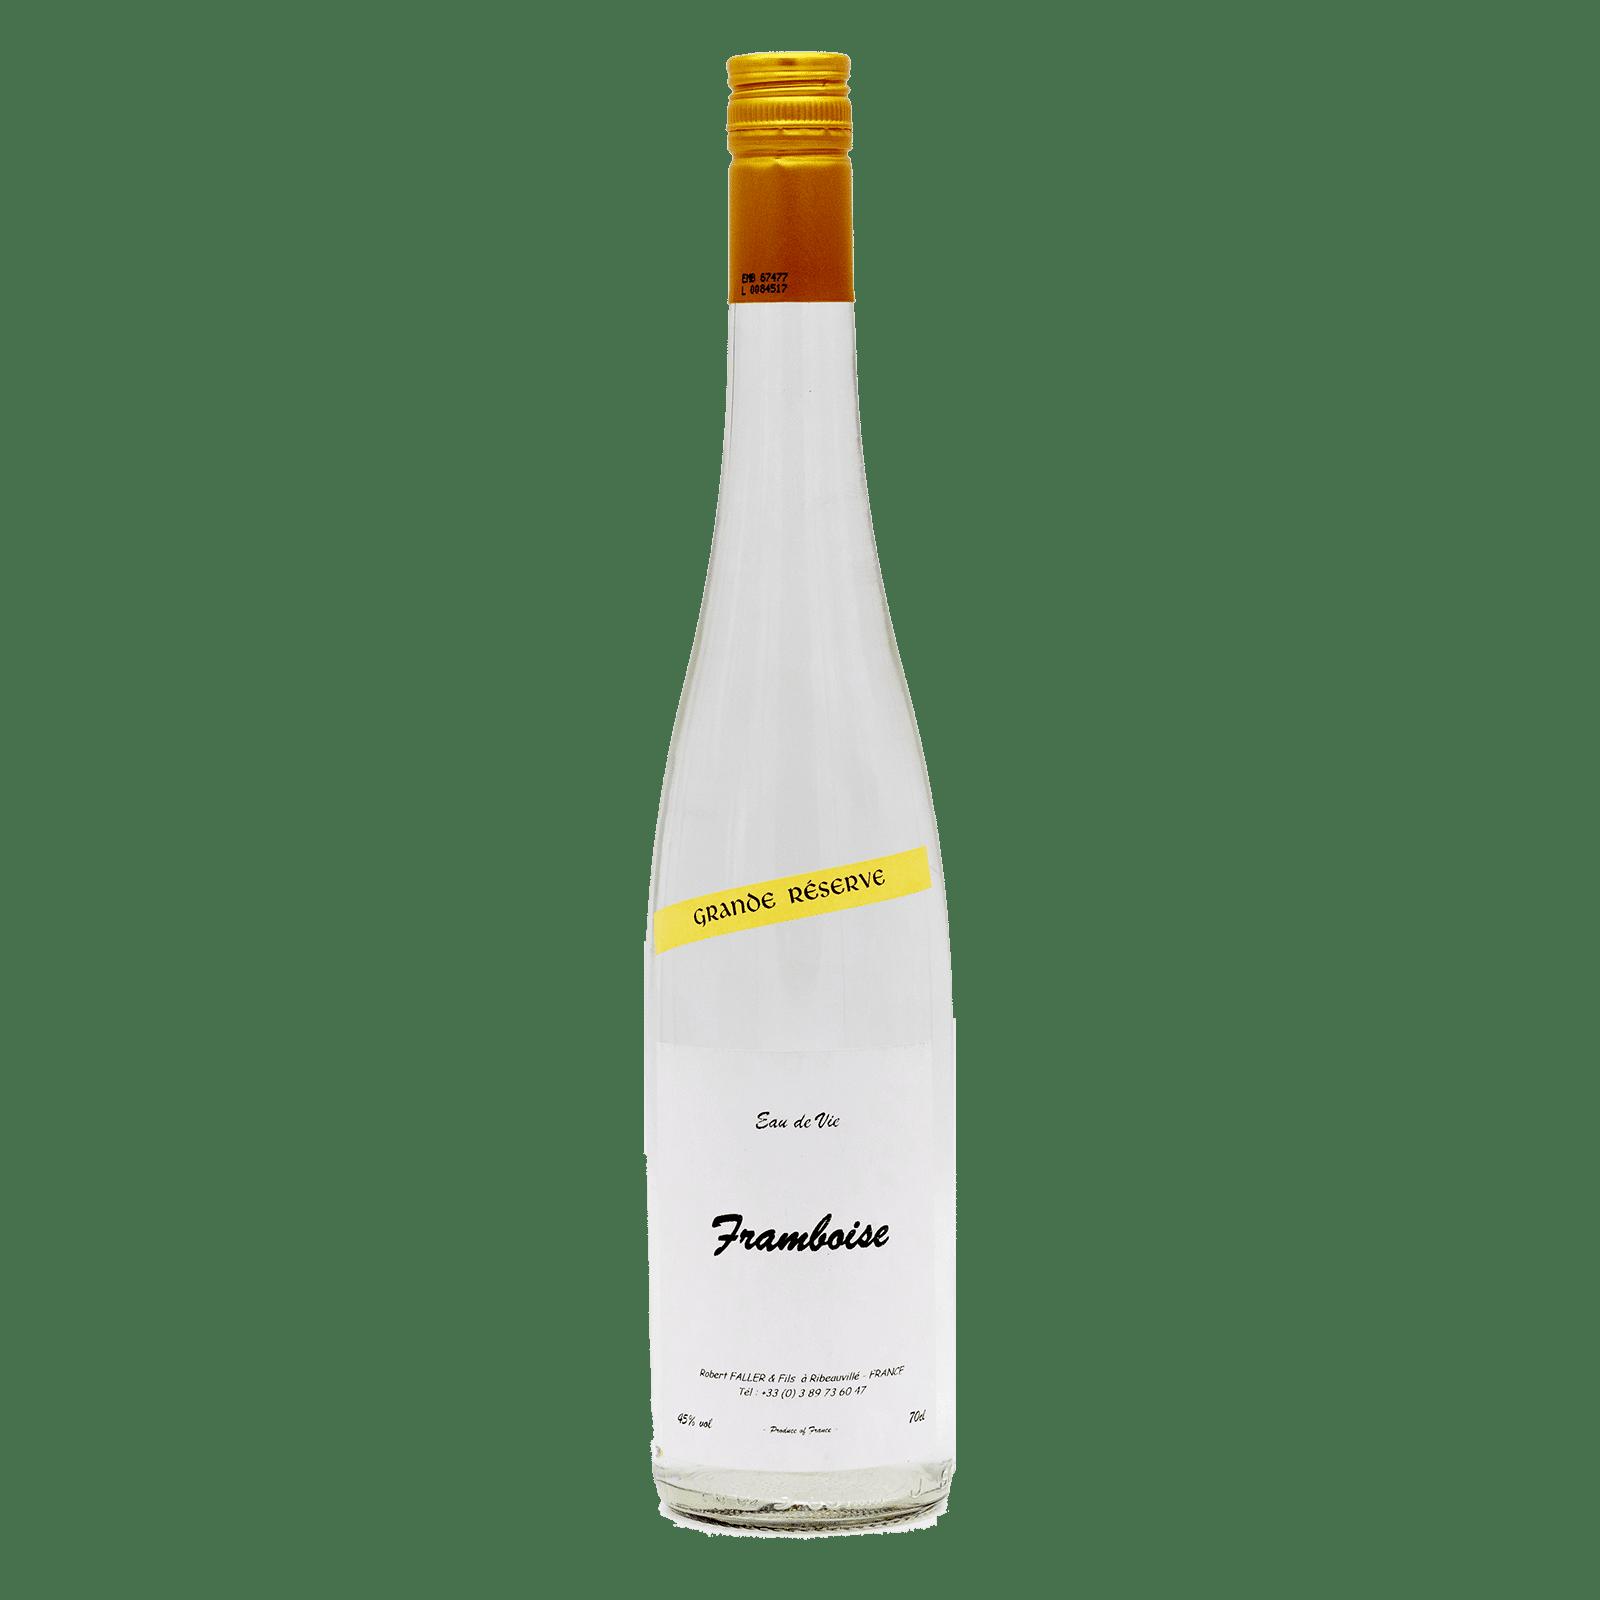 eau-de-vie-framboise